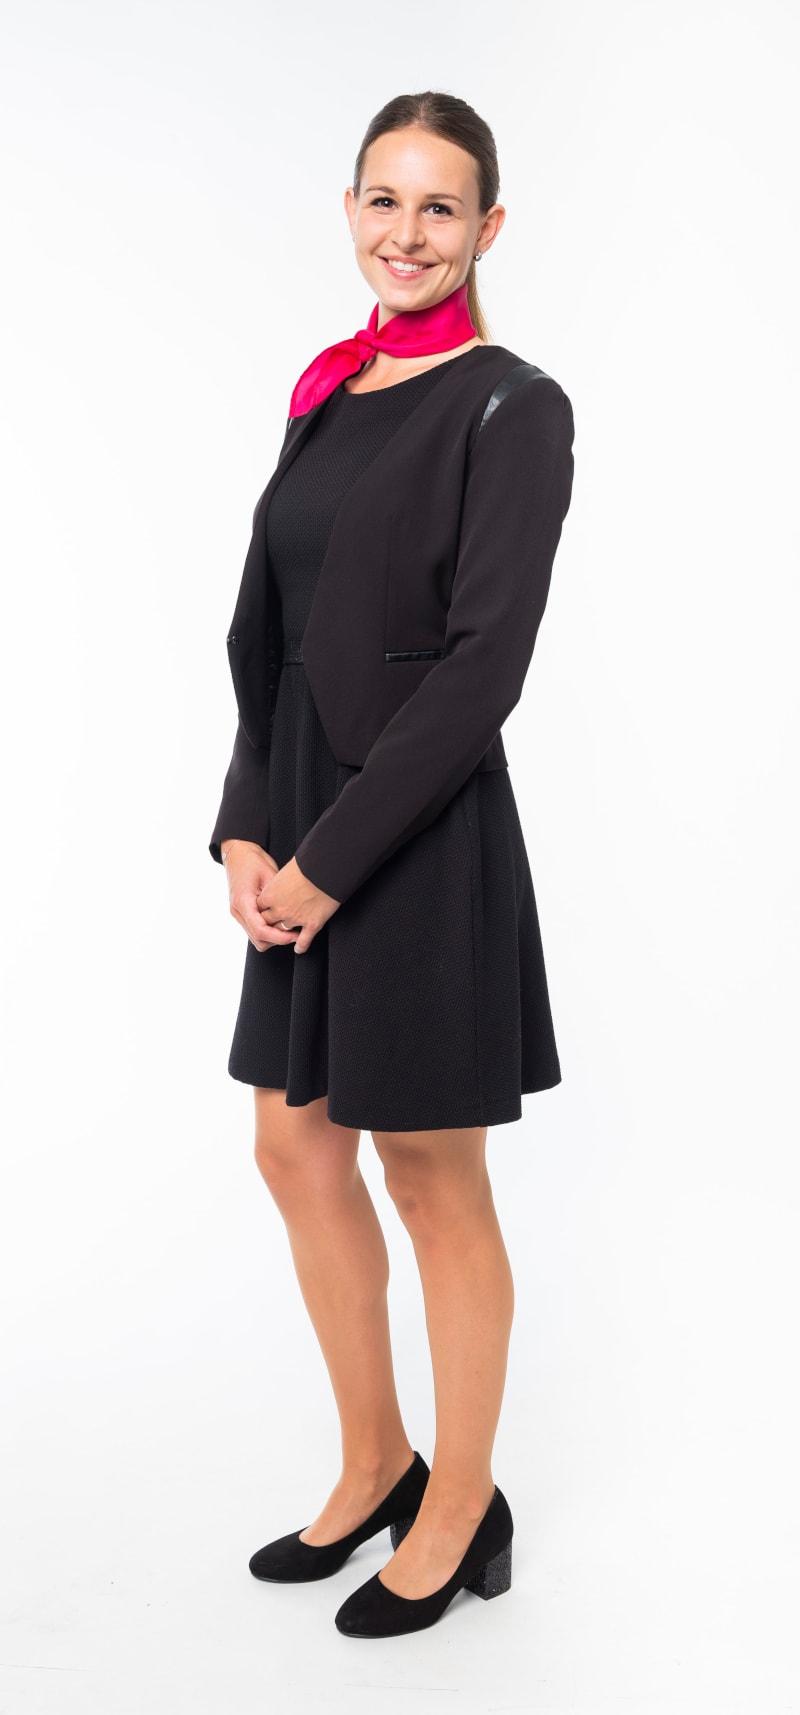 Robe noire cintrée et veste noire ajustée